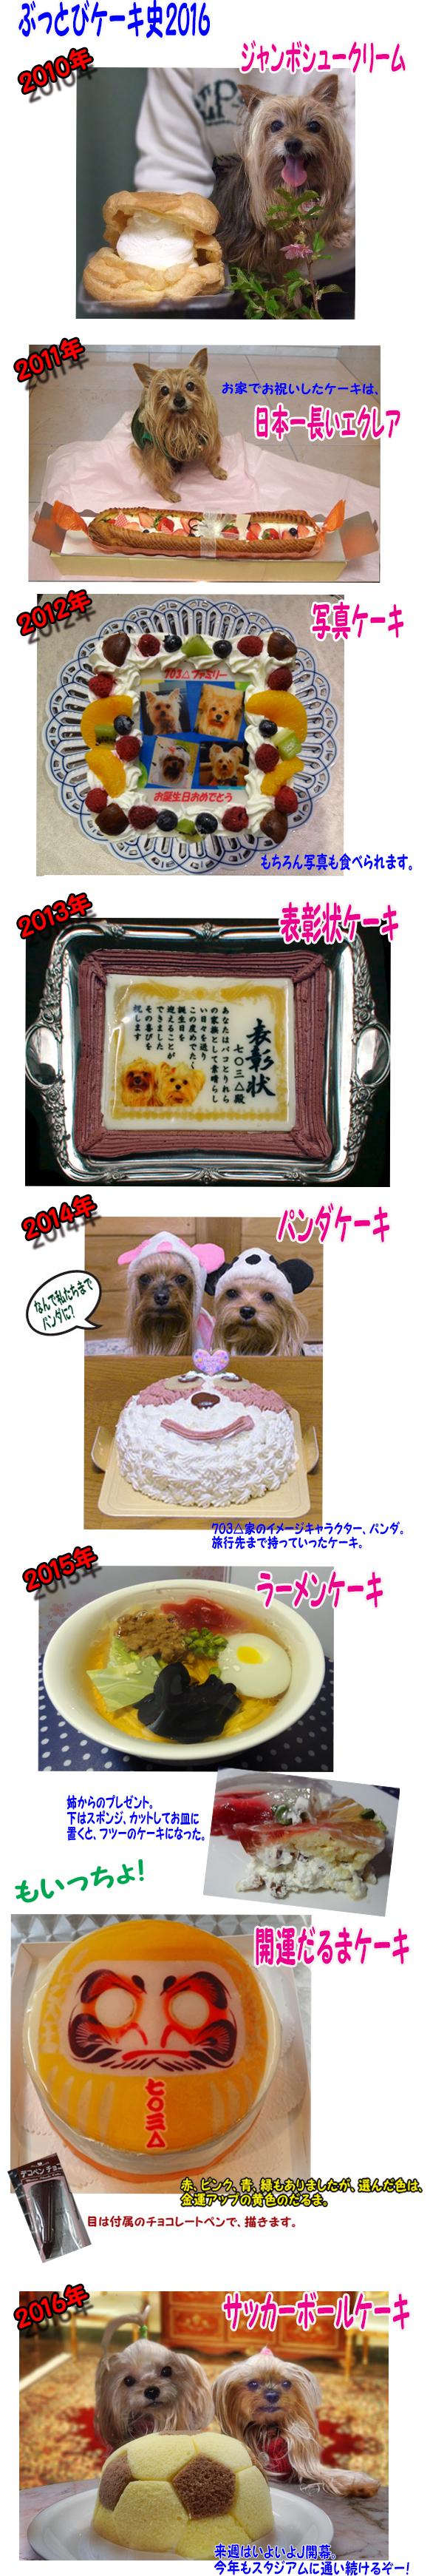 ケーキで見る誕生日誌2016 のコピー